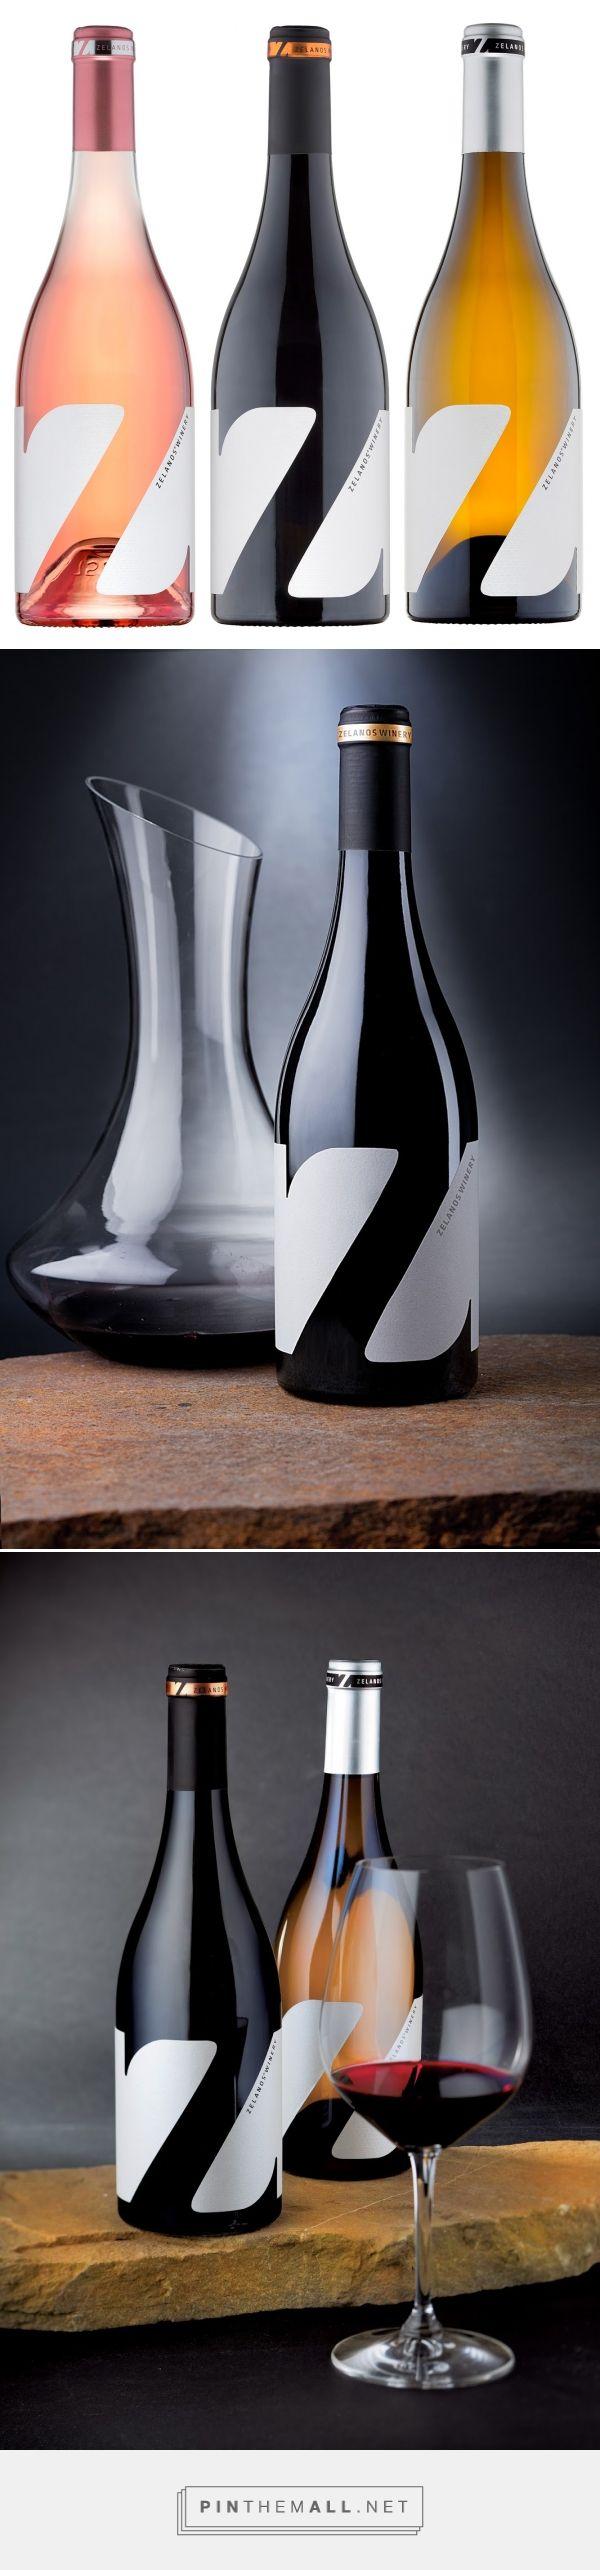 Z Wine Labels design by The Labelmaker - http://www.packagingoftheworld.com/2016/10/z-wine-labels.html